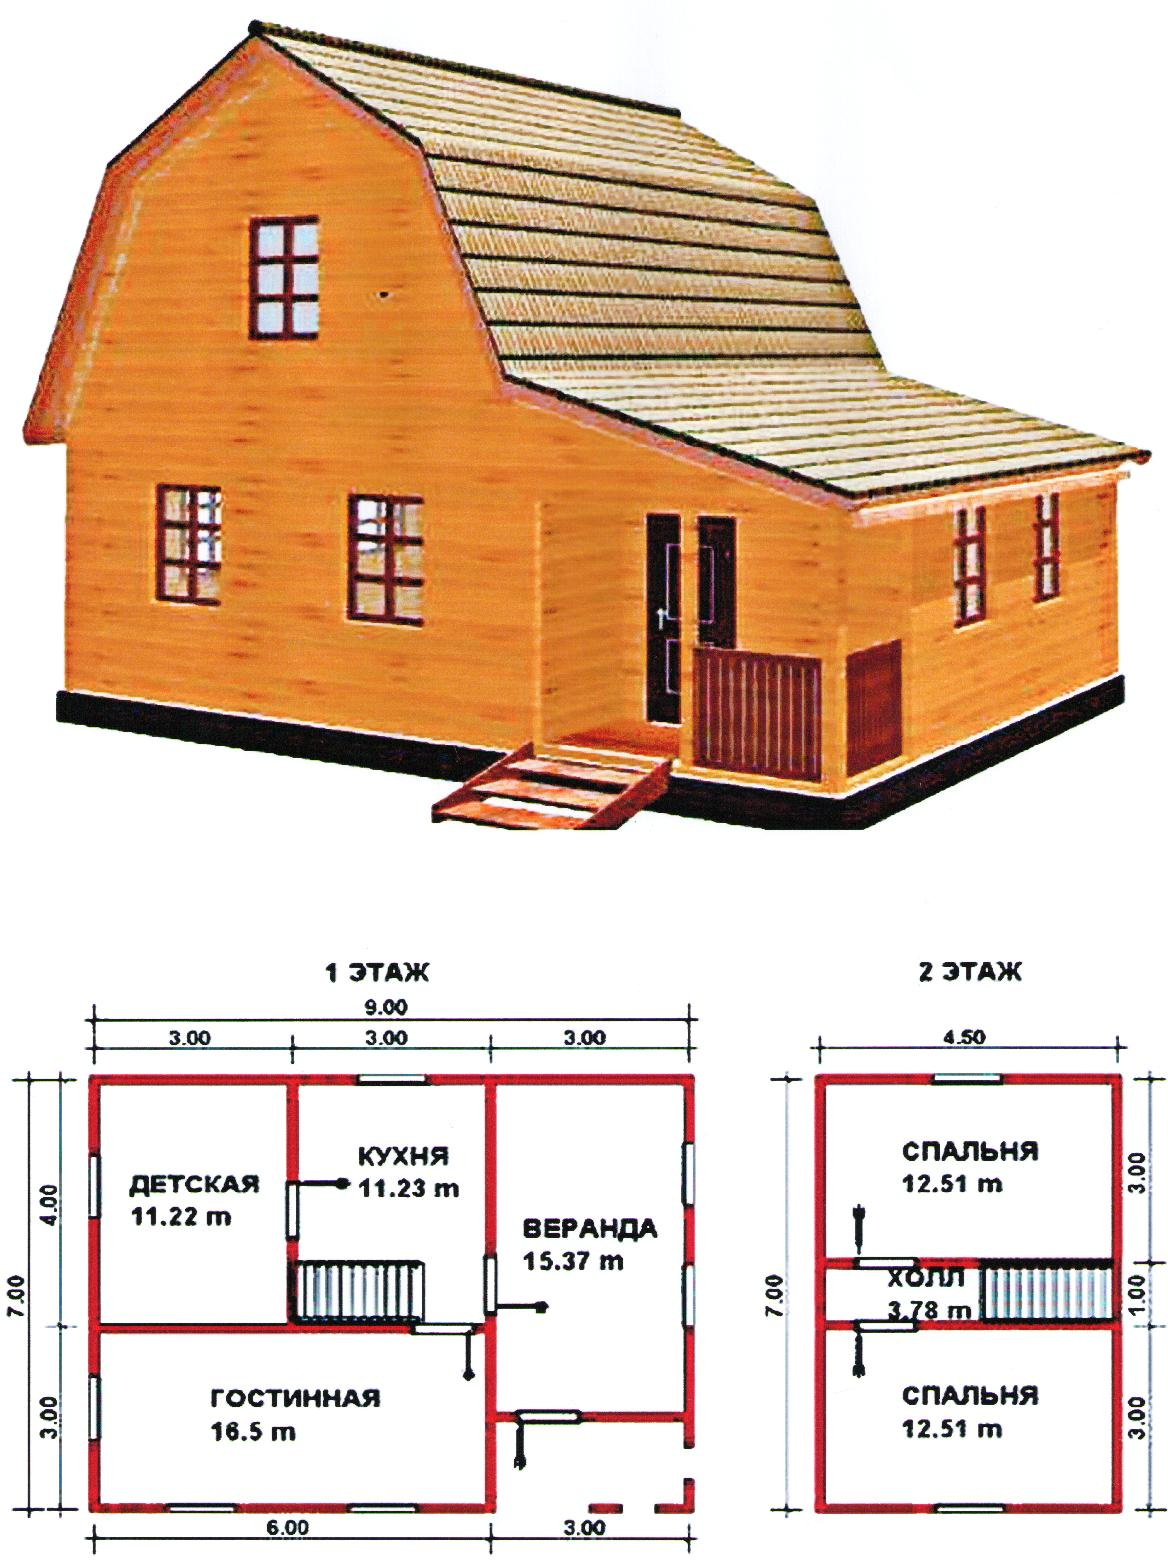 Сделать проект как построить дом